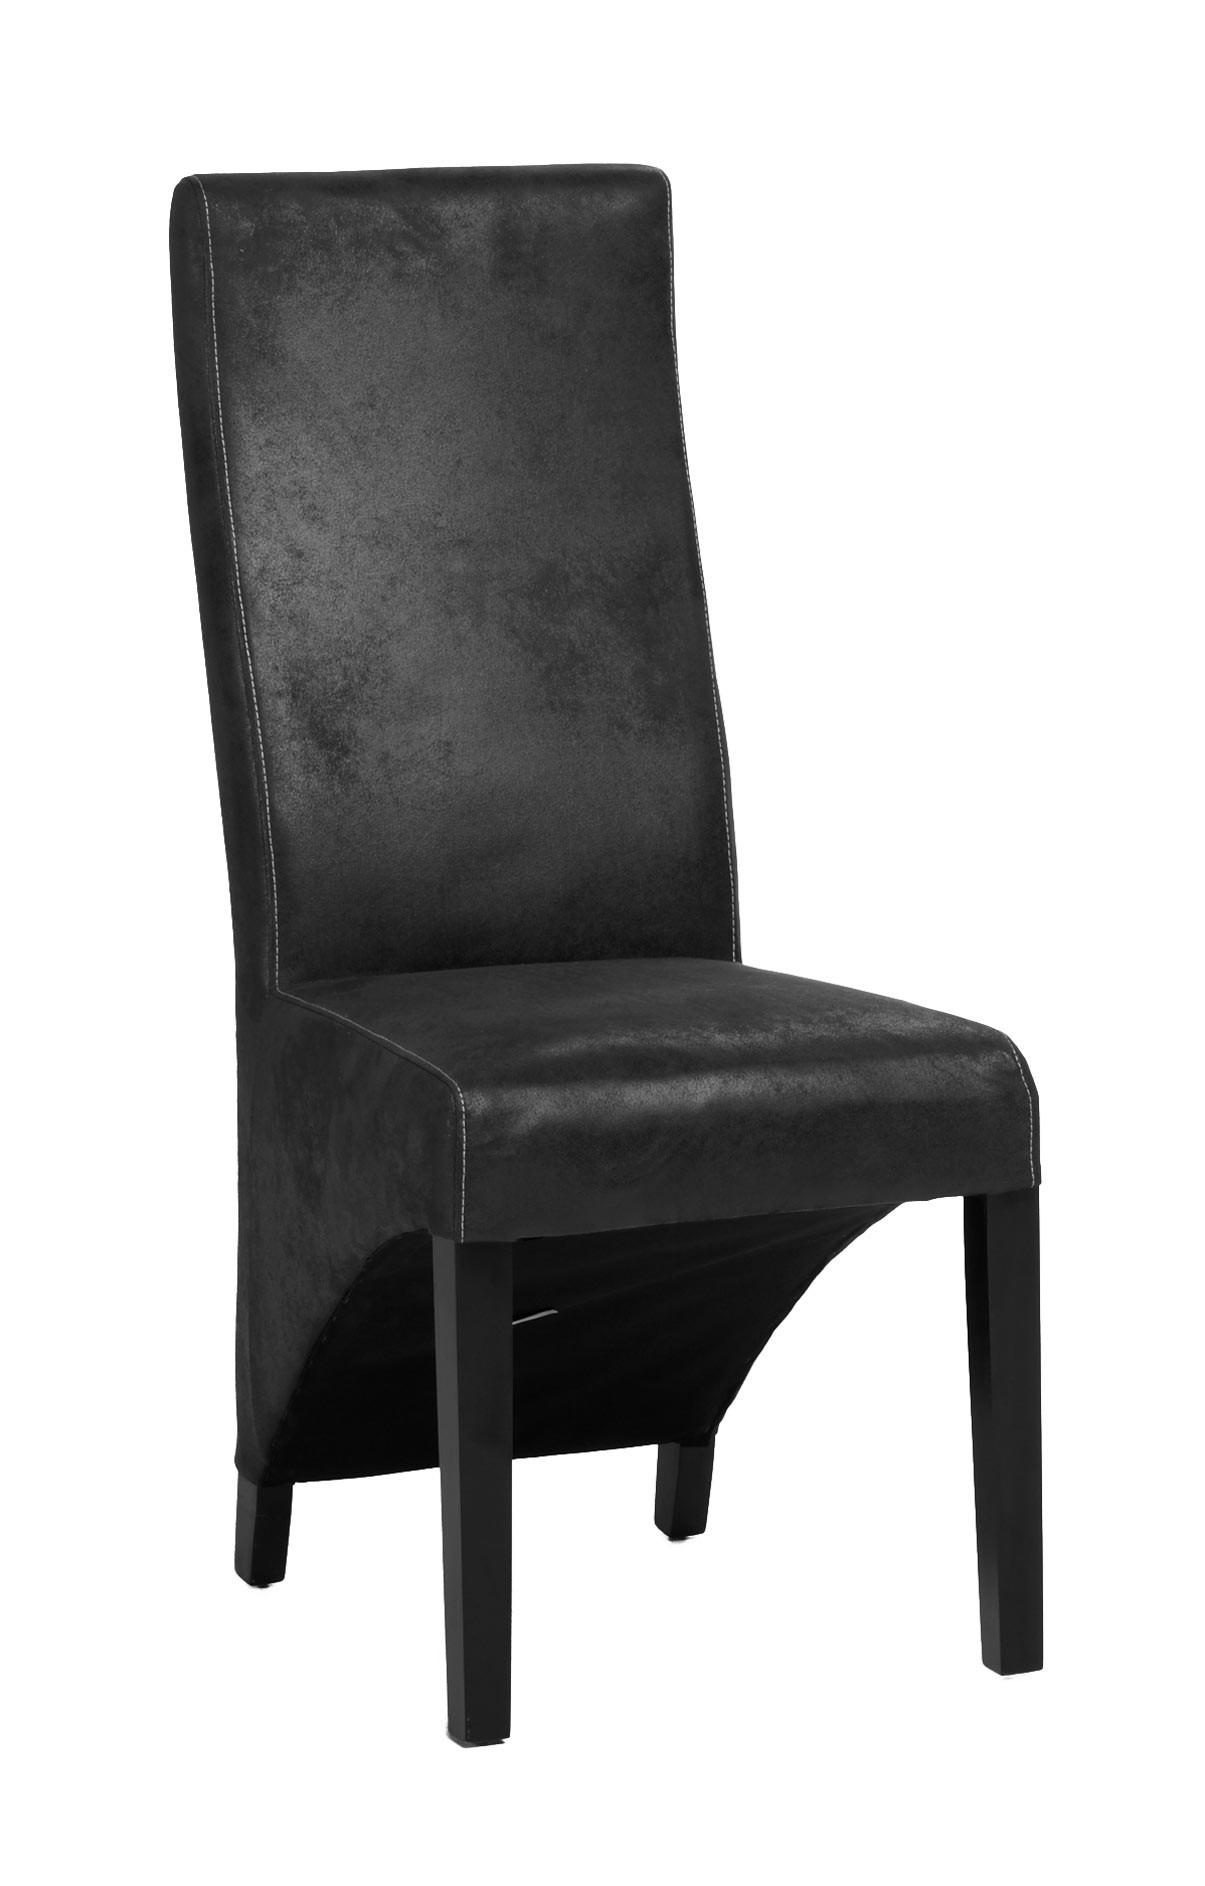 chaise de salle a manger contemporaine en tissu gris lot de 2 garry